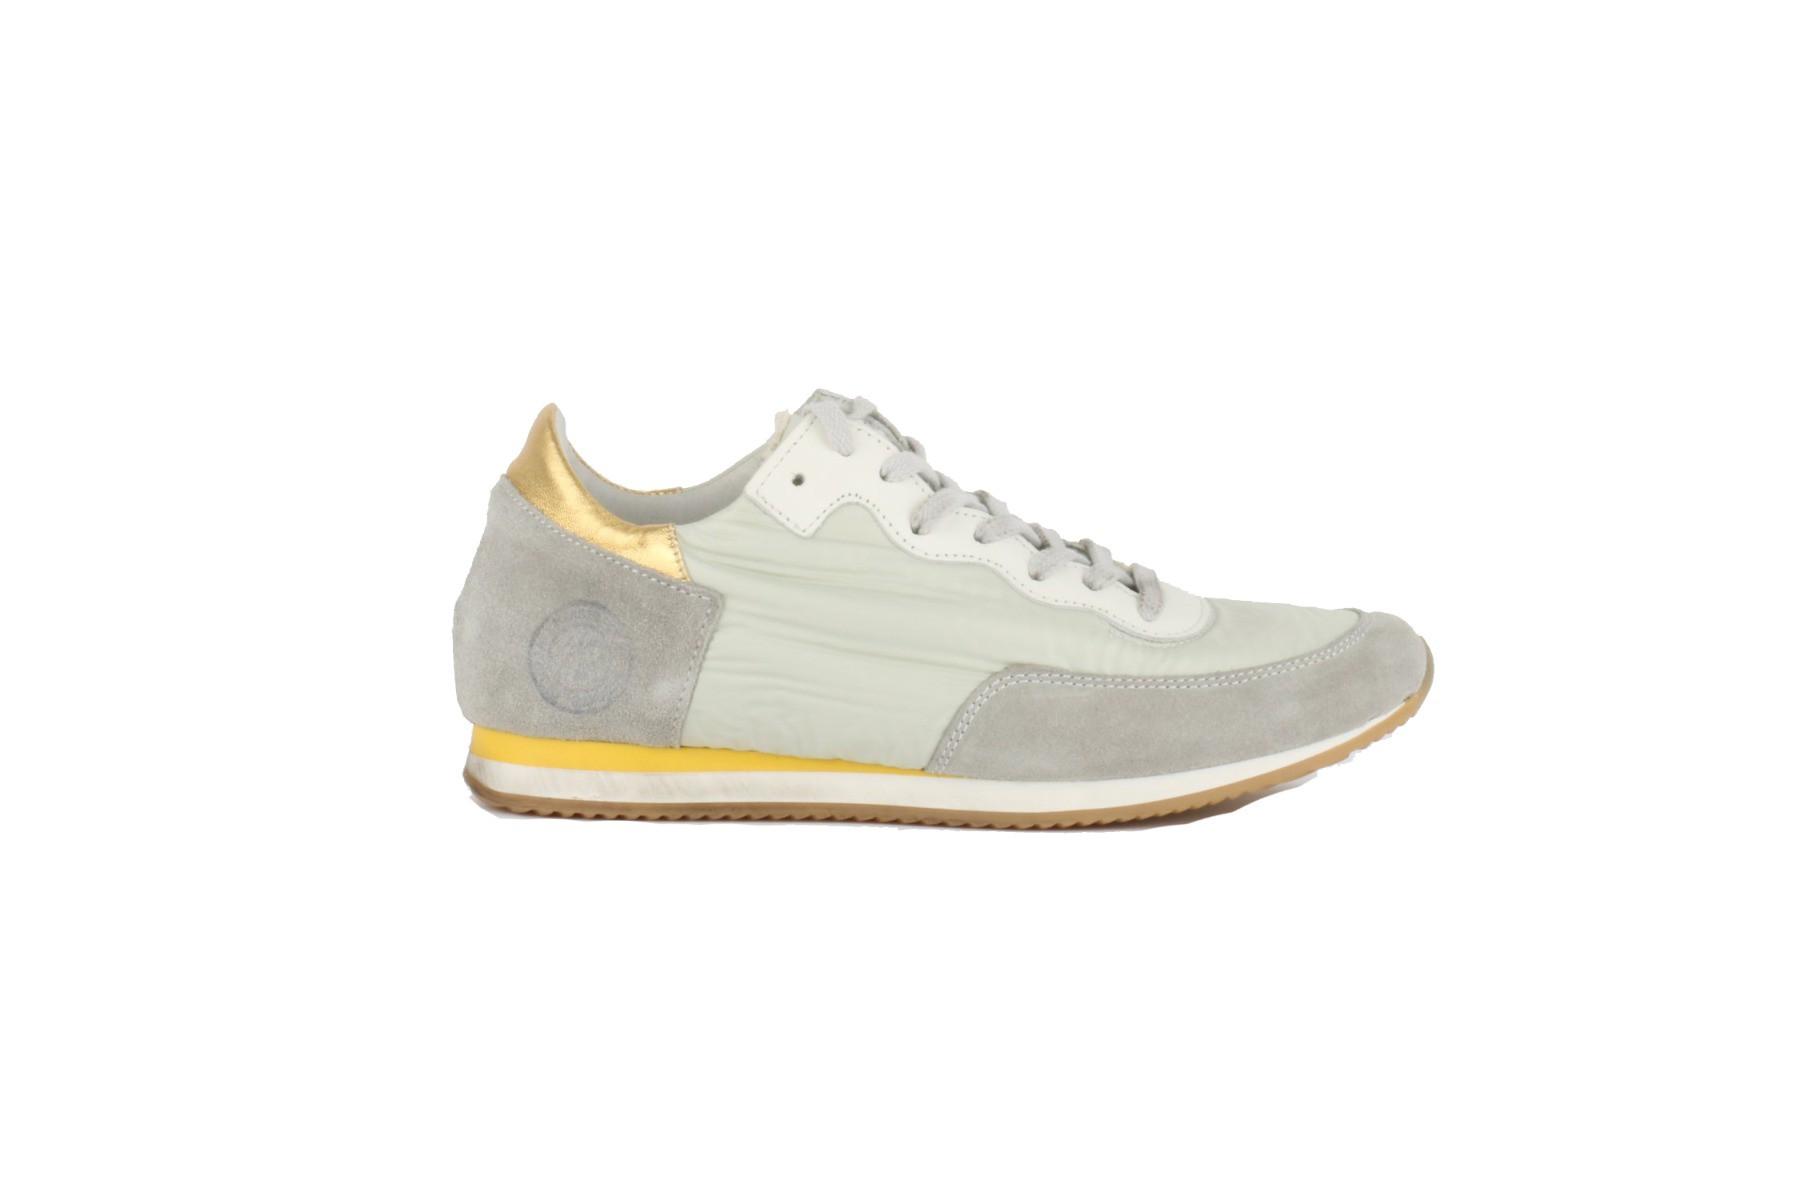 Afbeelding van 4/12 Roxy 1112 sneakers grijs